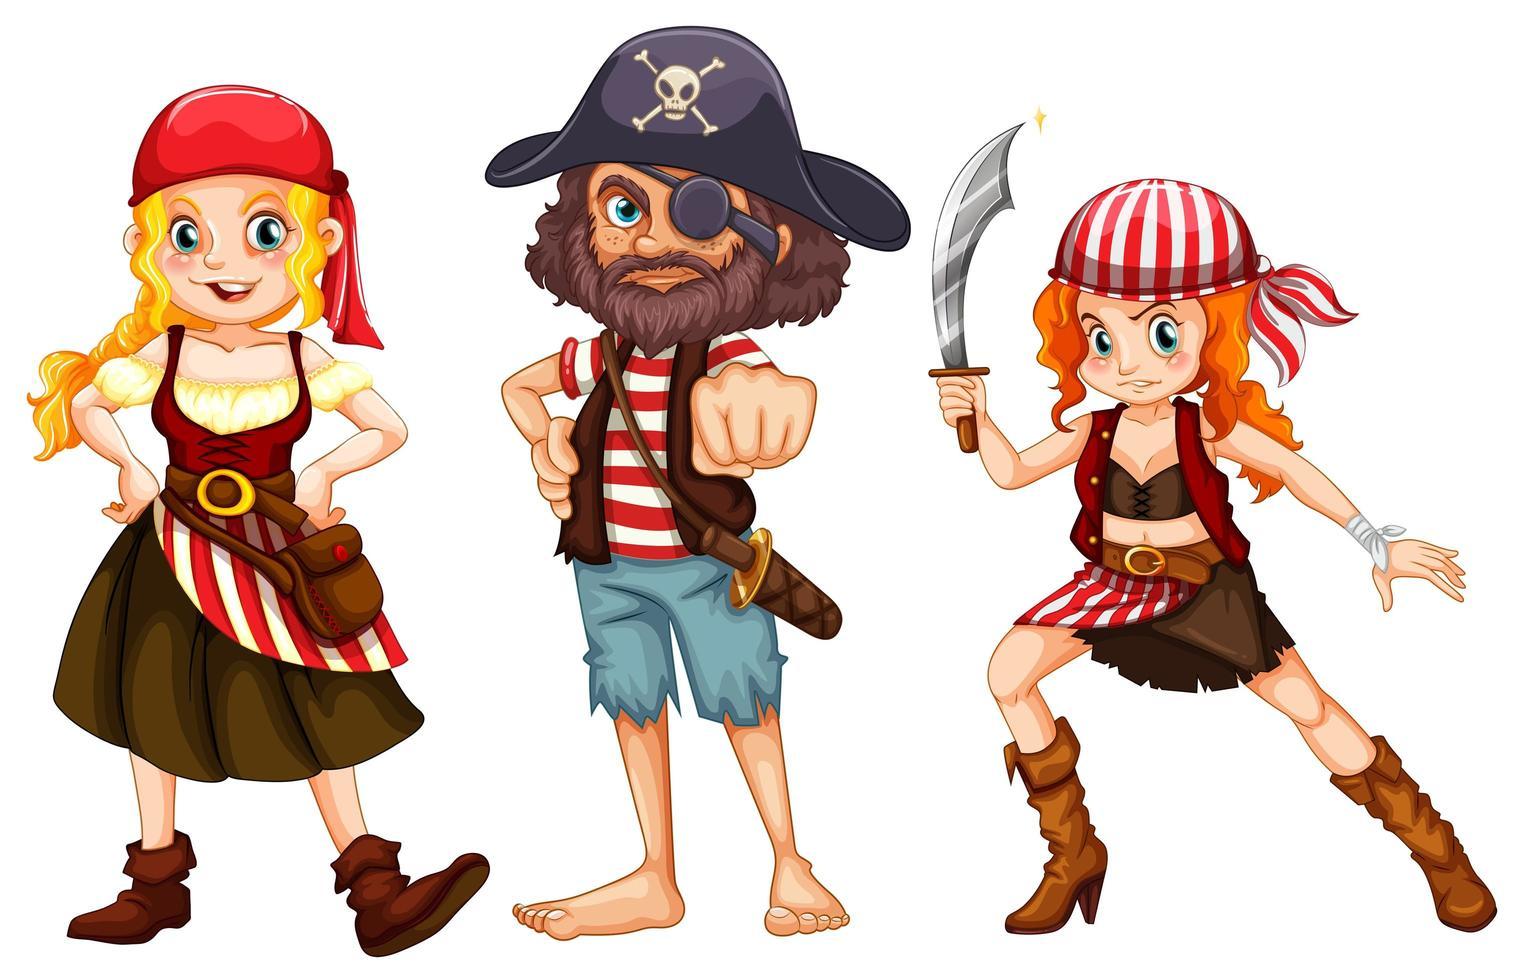 tre personaggi pirata su sfondo bianco vettore